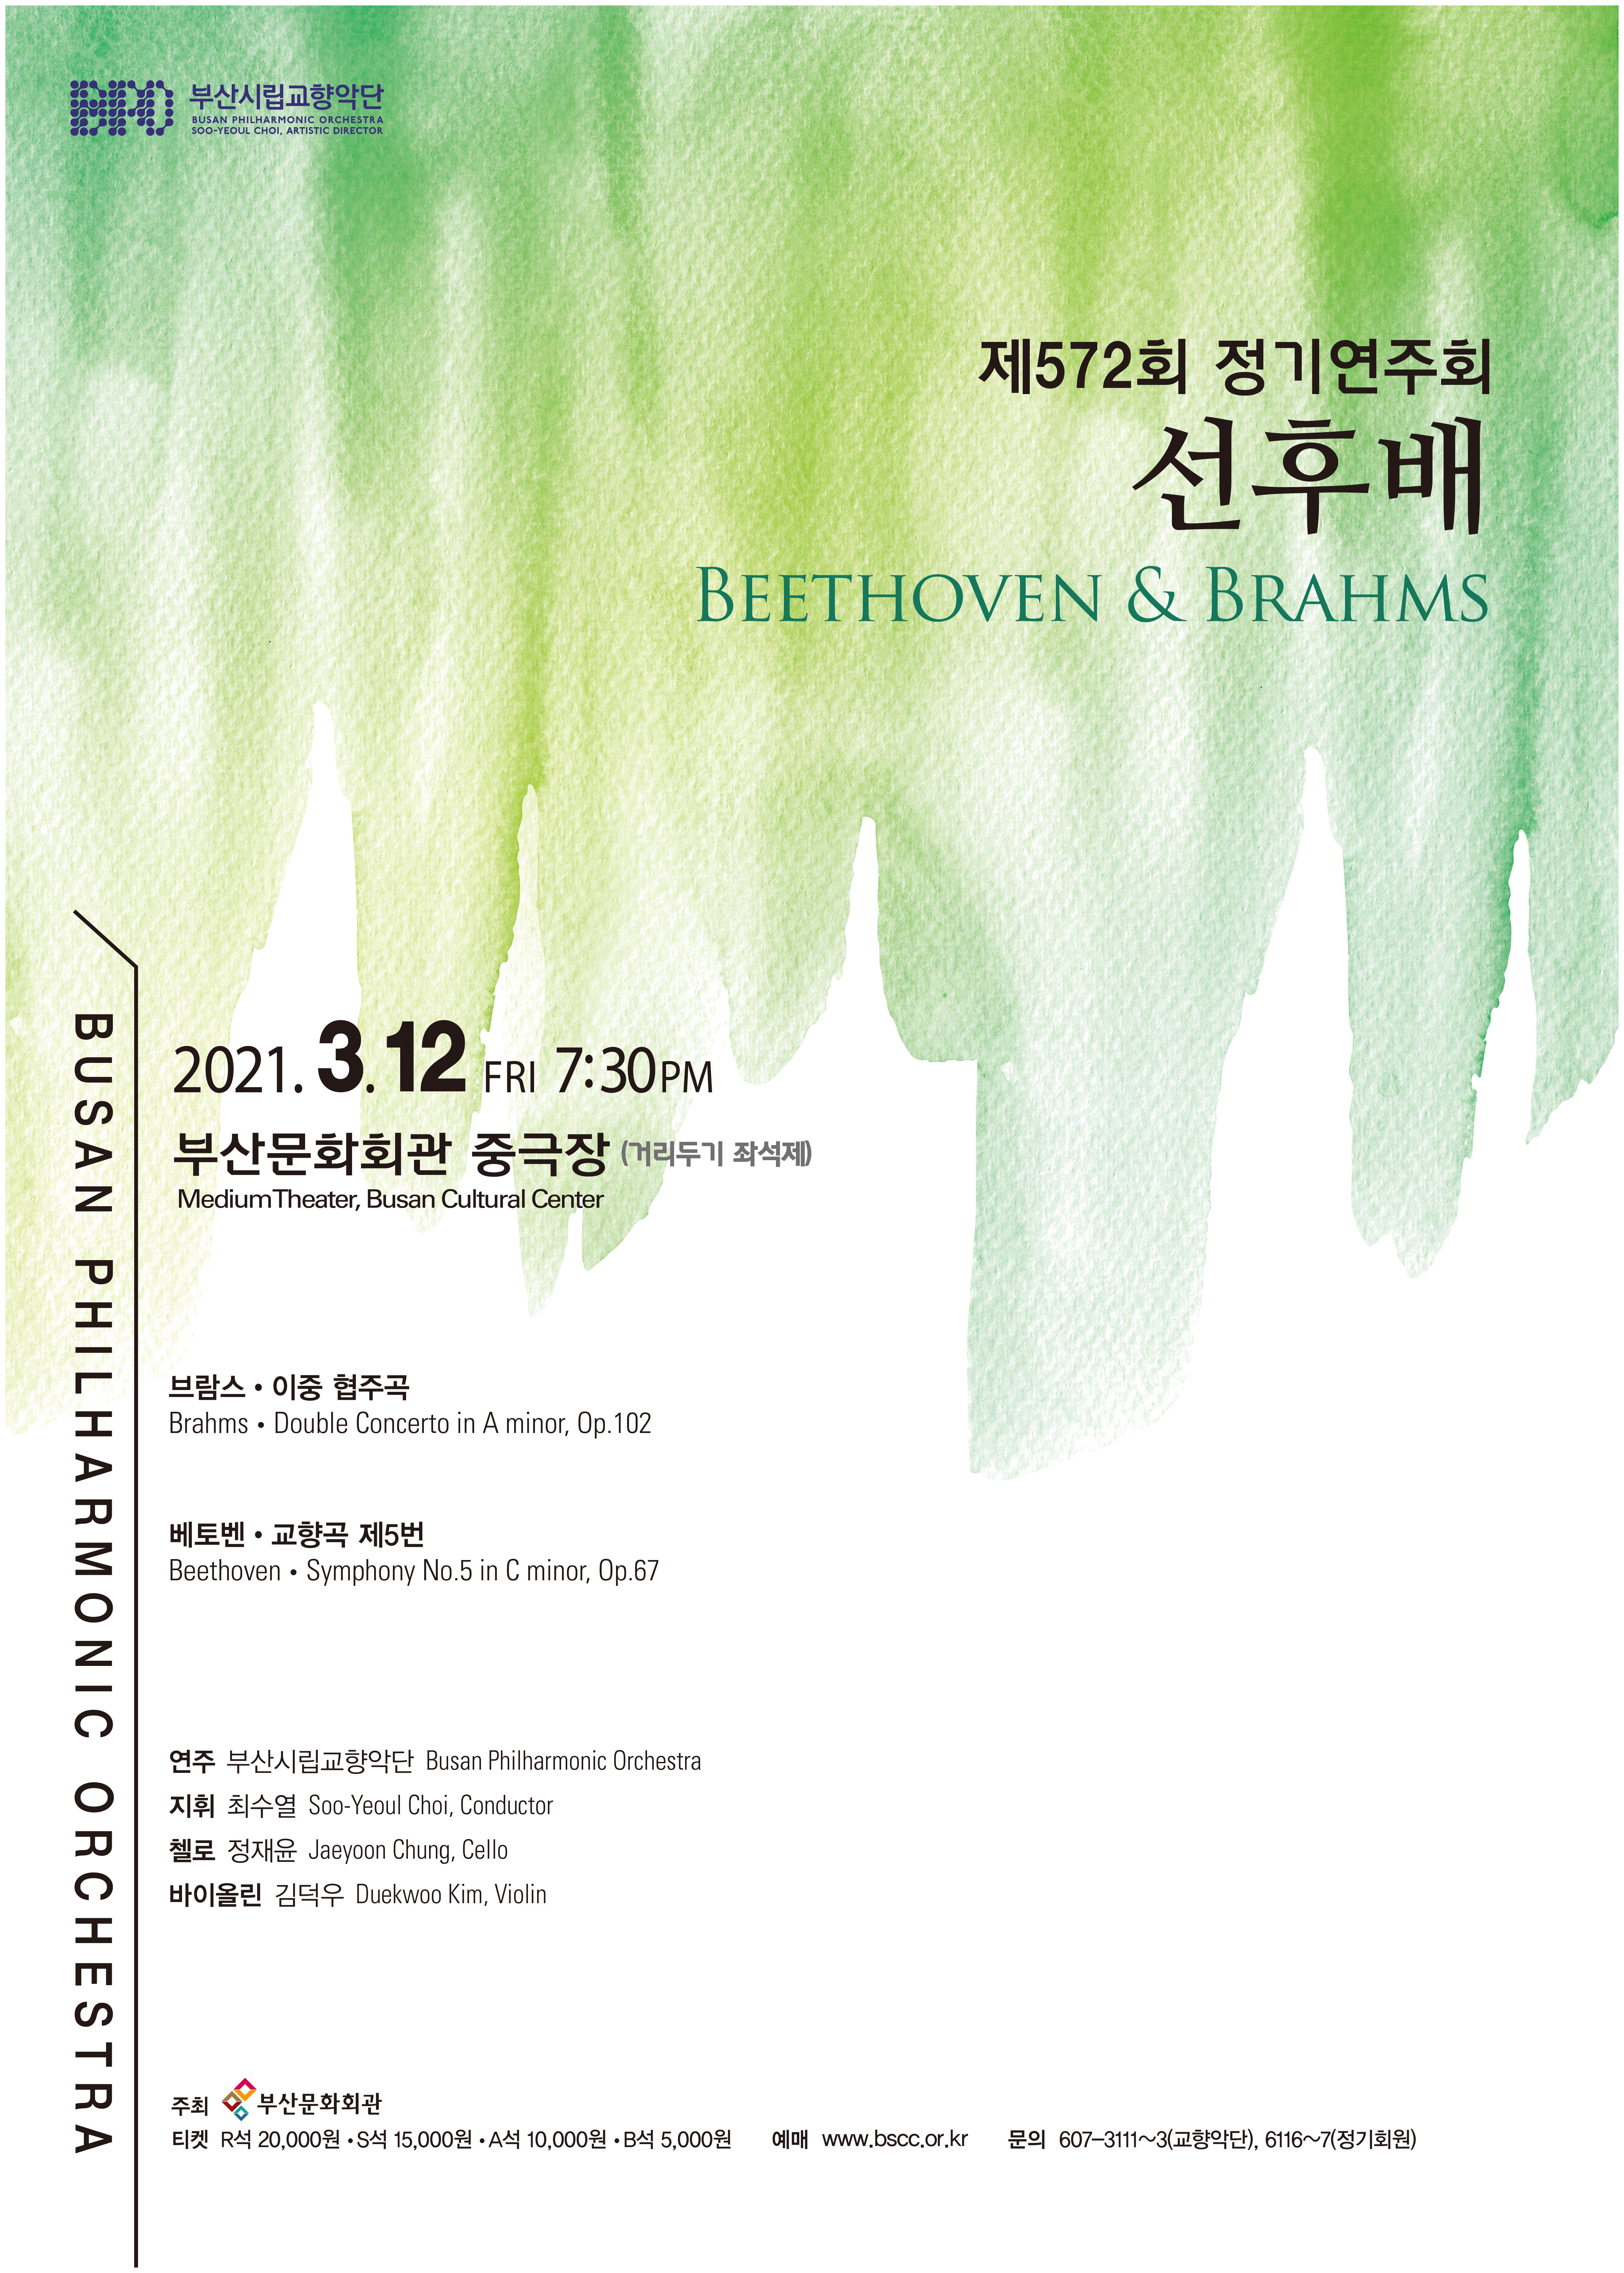 부산시립교향악단 제572회 정기연주회 ˝선후배˝